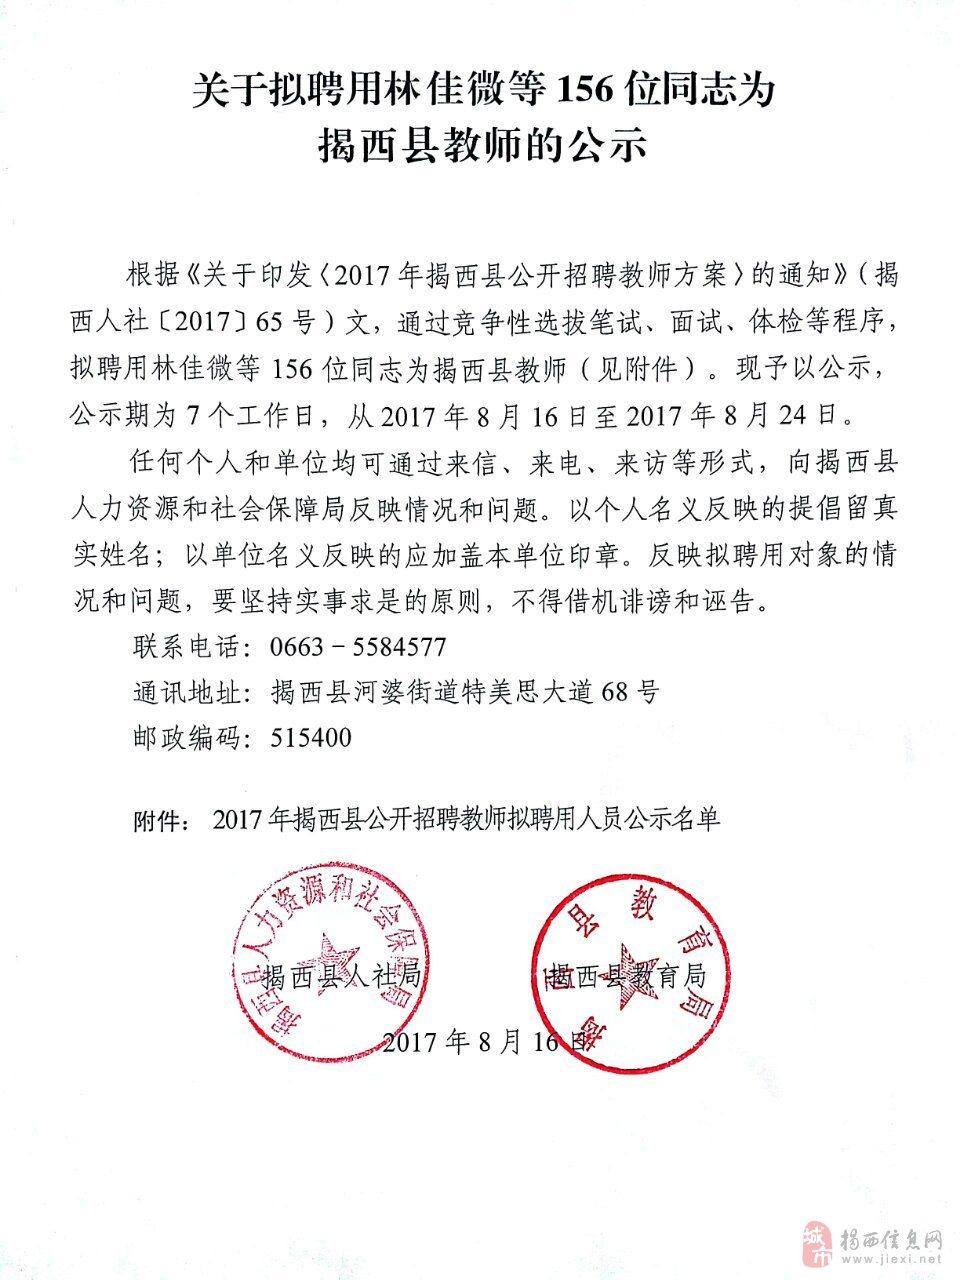 关于拟聘用林佳微等156位同志为揭西县教师的公示